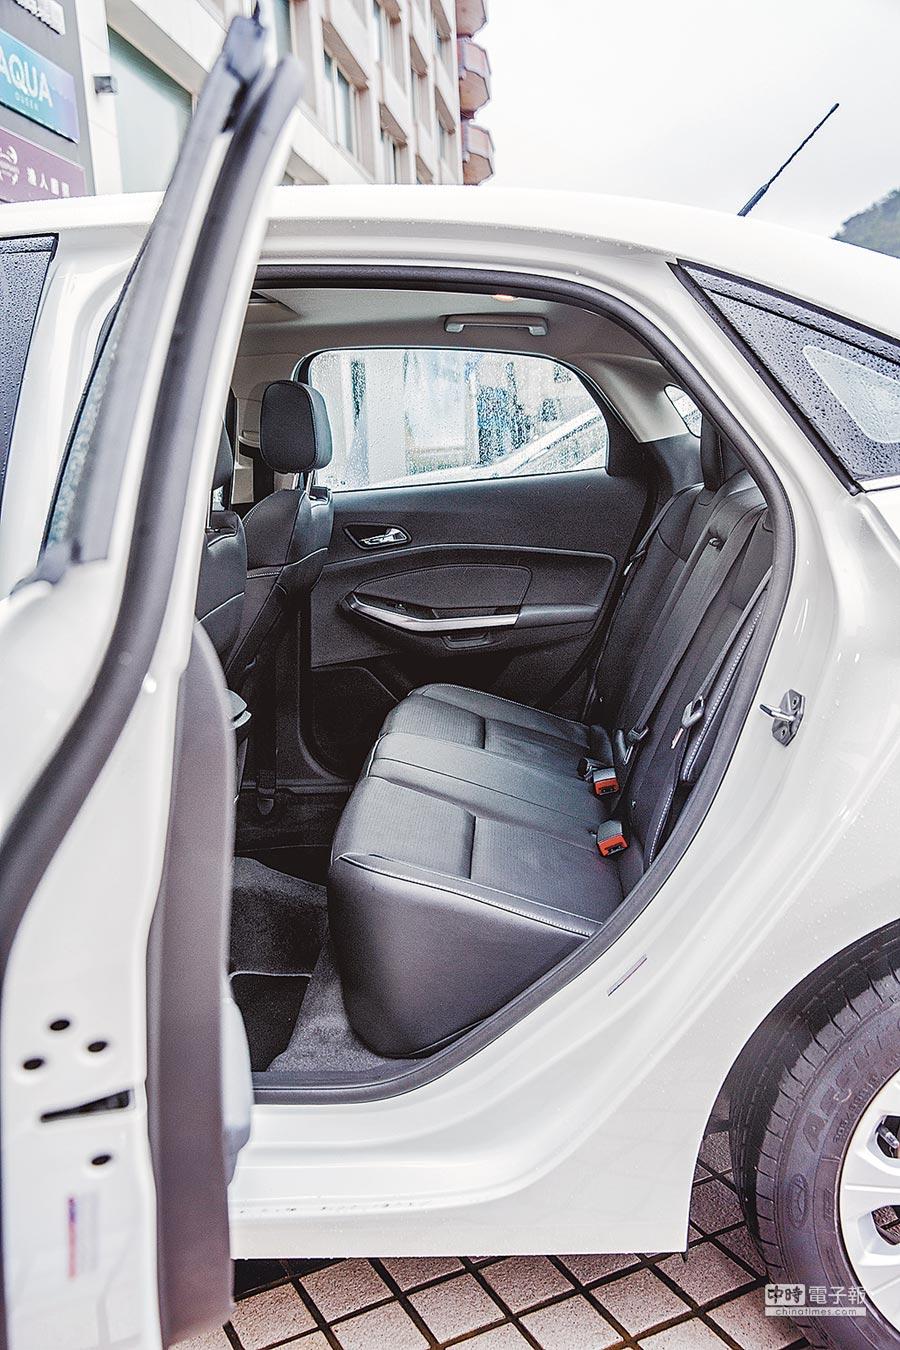 後座是一大特色空間較一般同價位車款寬敞,也有中央扶手可以使用。(方濬哲攝)